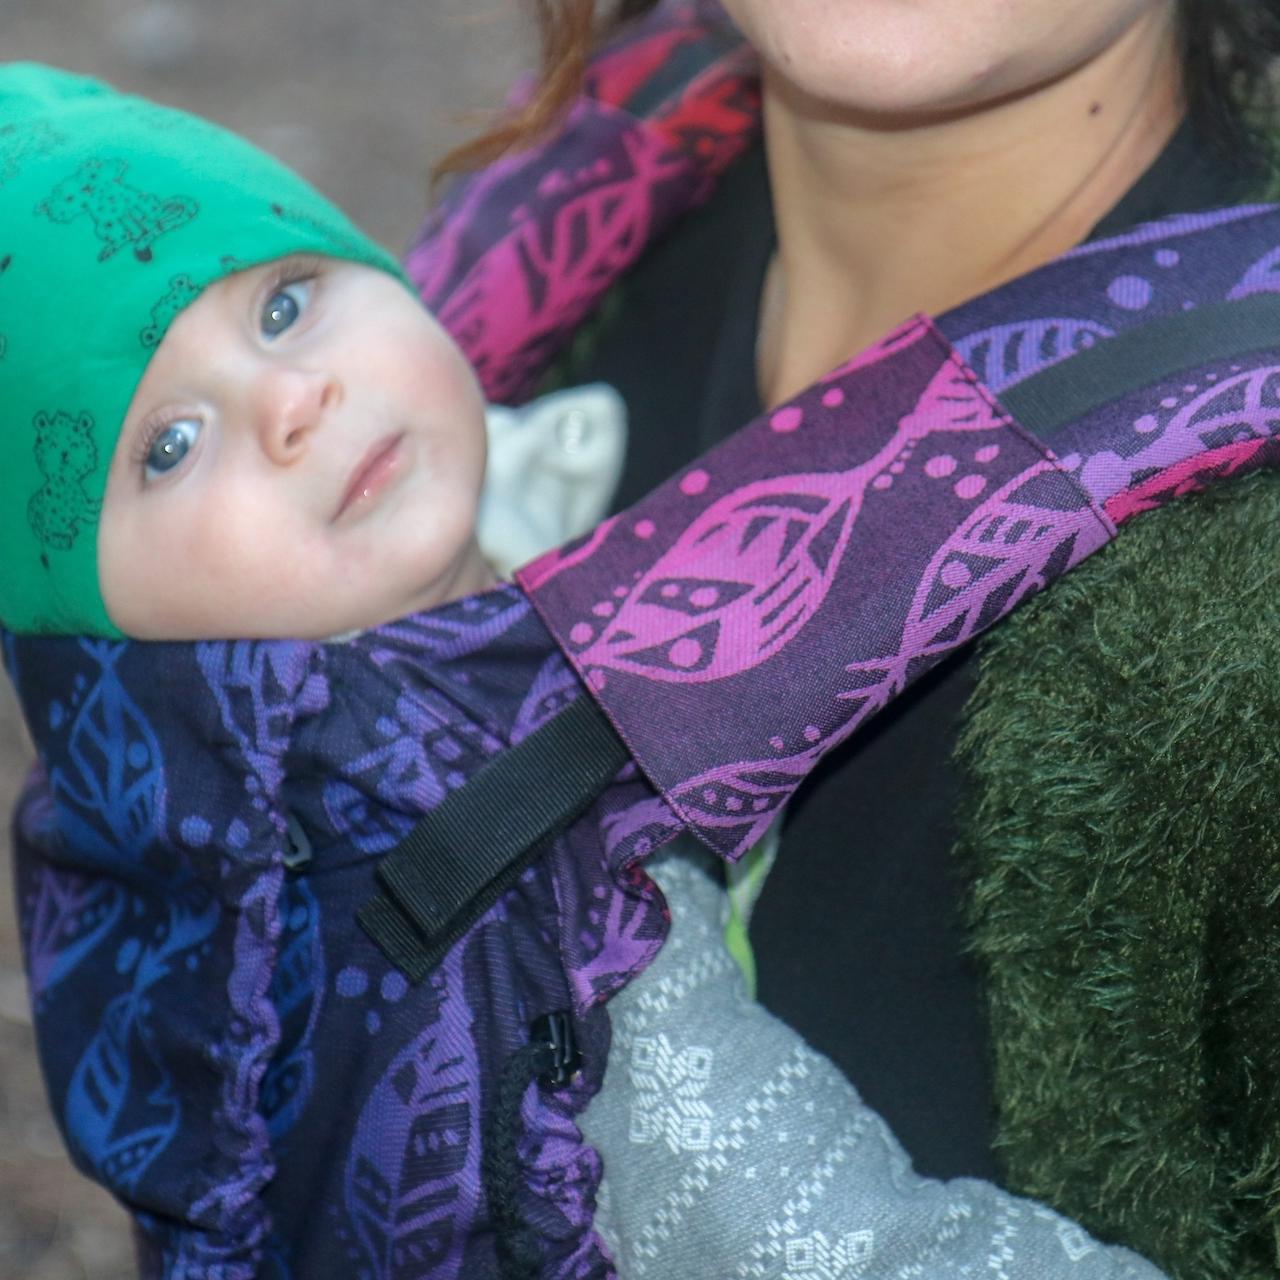 Neko Switch Baby Ishtar